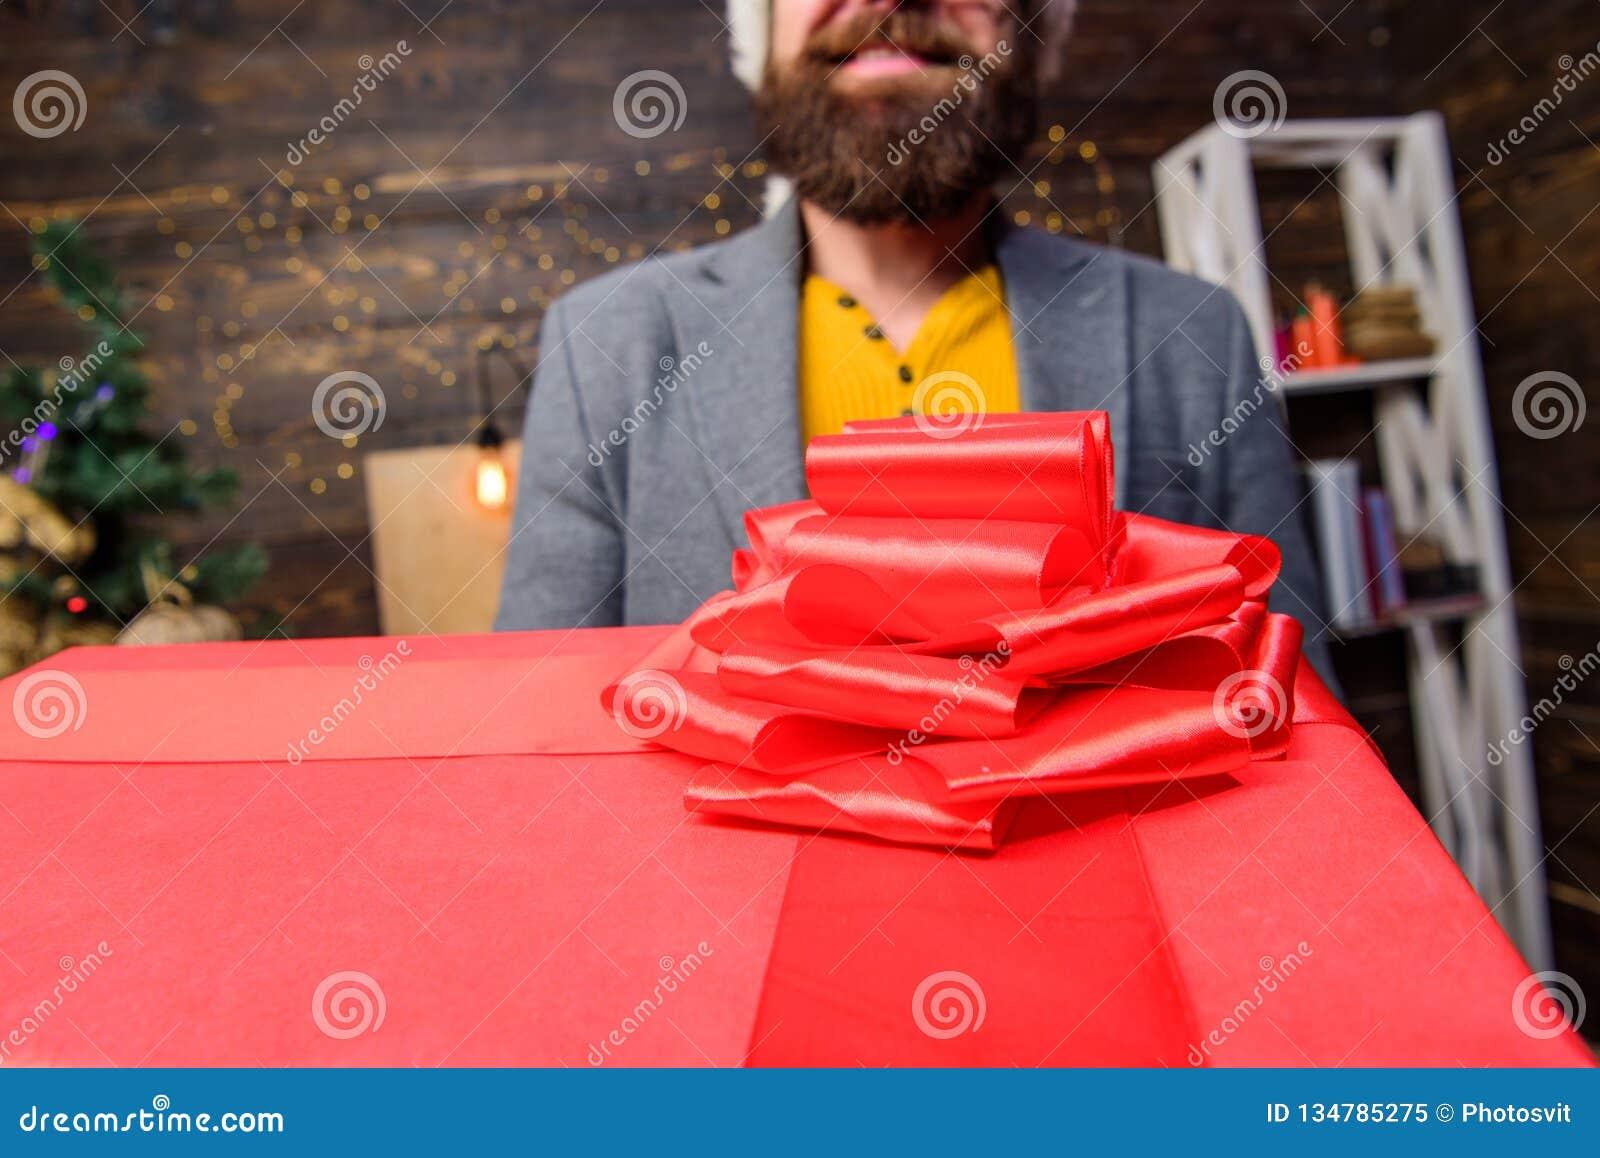 这是为您 E r 交付圣诞礼物 发运